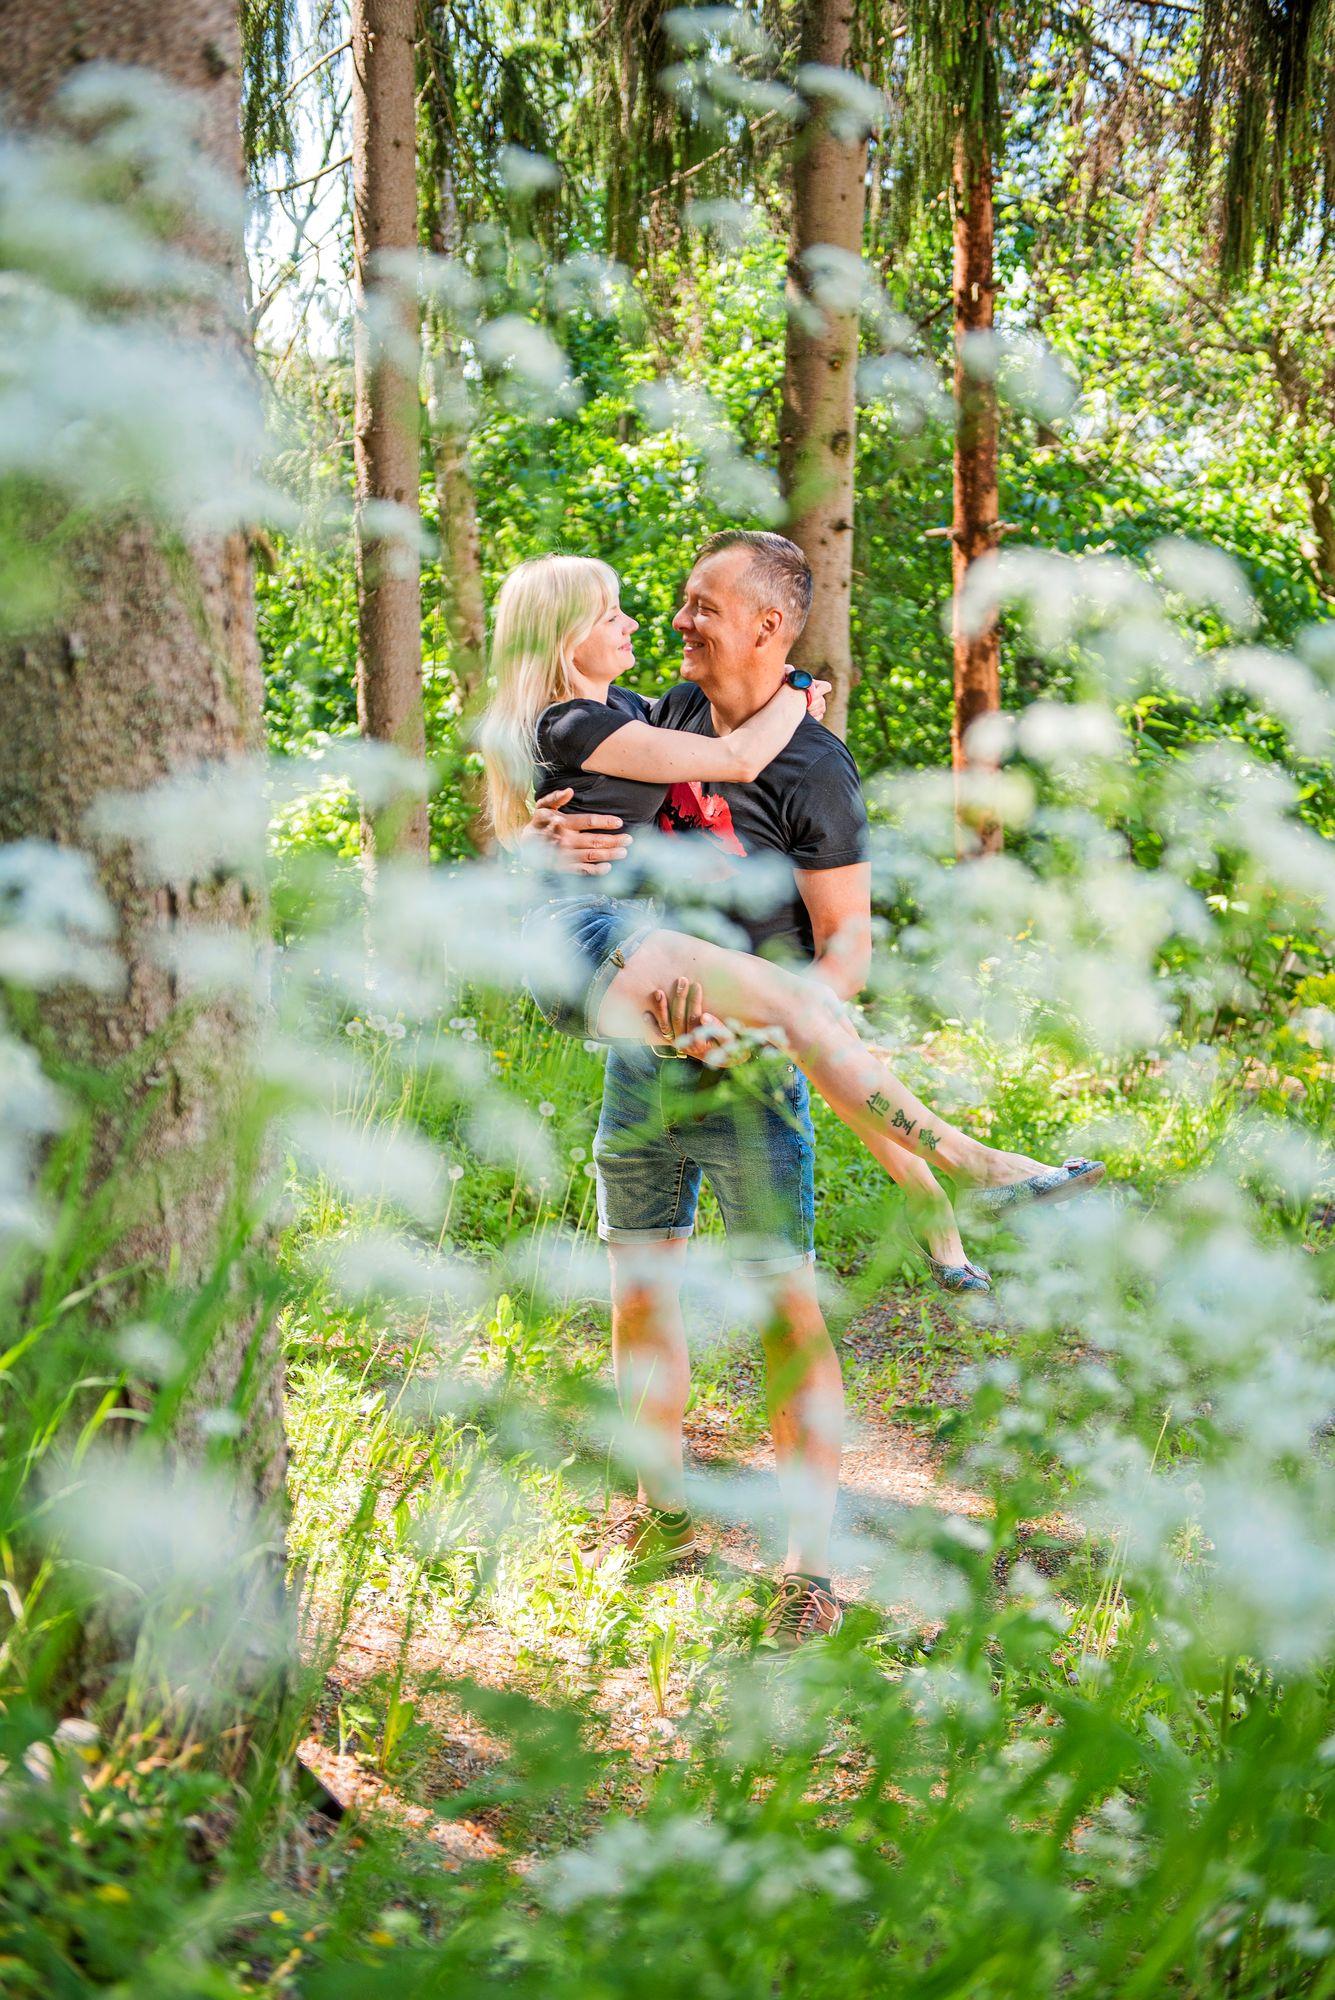 """Miia uskaltautuu Jan-Erikin kanssa metsään ja lenkkipoluille. Joskus jalat """"loppuvat kesken"""", kuten hän kutsuu kävelyään huonoina päivinä. Silloin Jan-Erik kantaa Miian kotiin. © Vesa Tyni"""